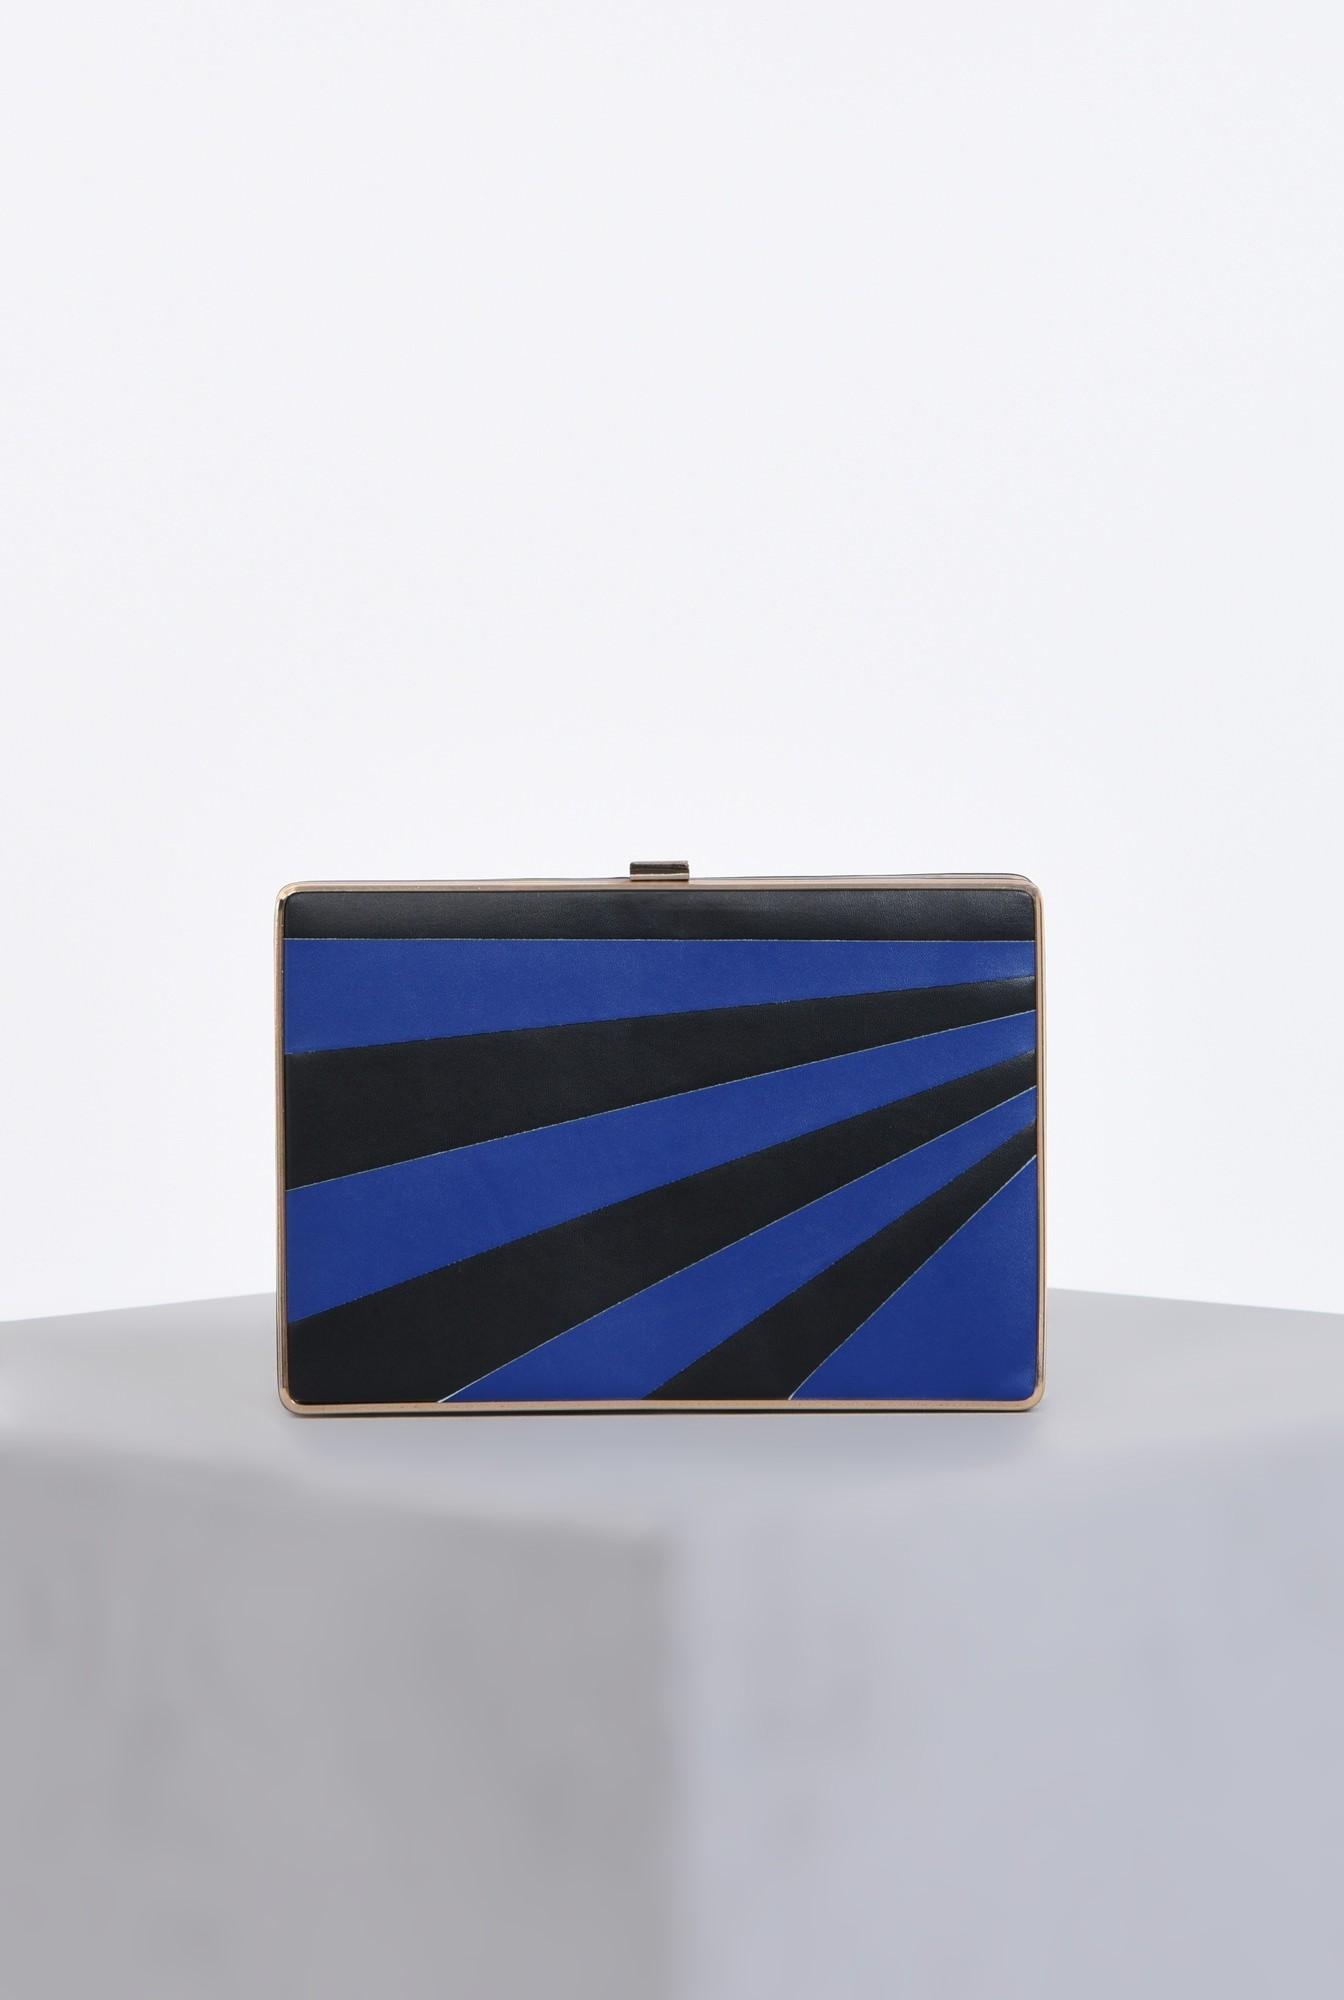 0 - plic dama, dungi, negru, albastru, lant detasabil